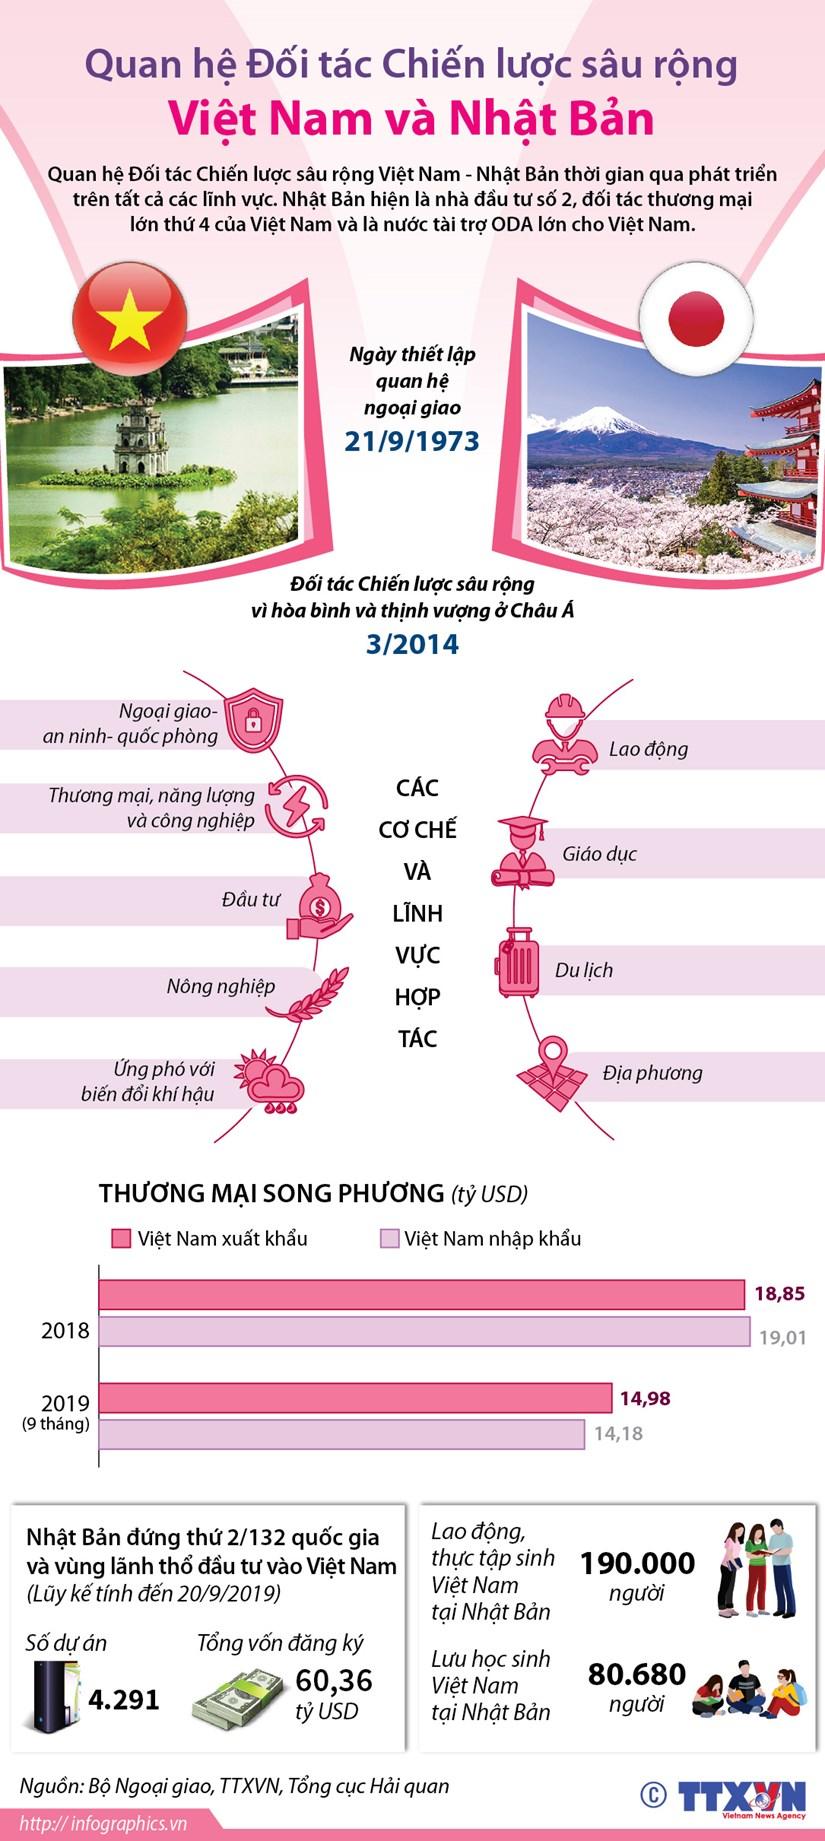 [Infographics] Quan he doi tac chien luoc sau rong Viet Nam-Nhat Ban hinh anh 1